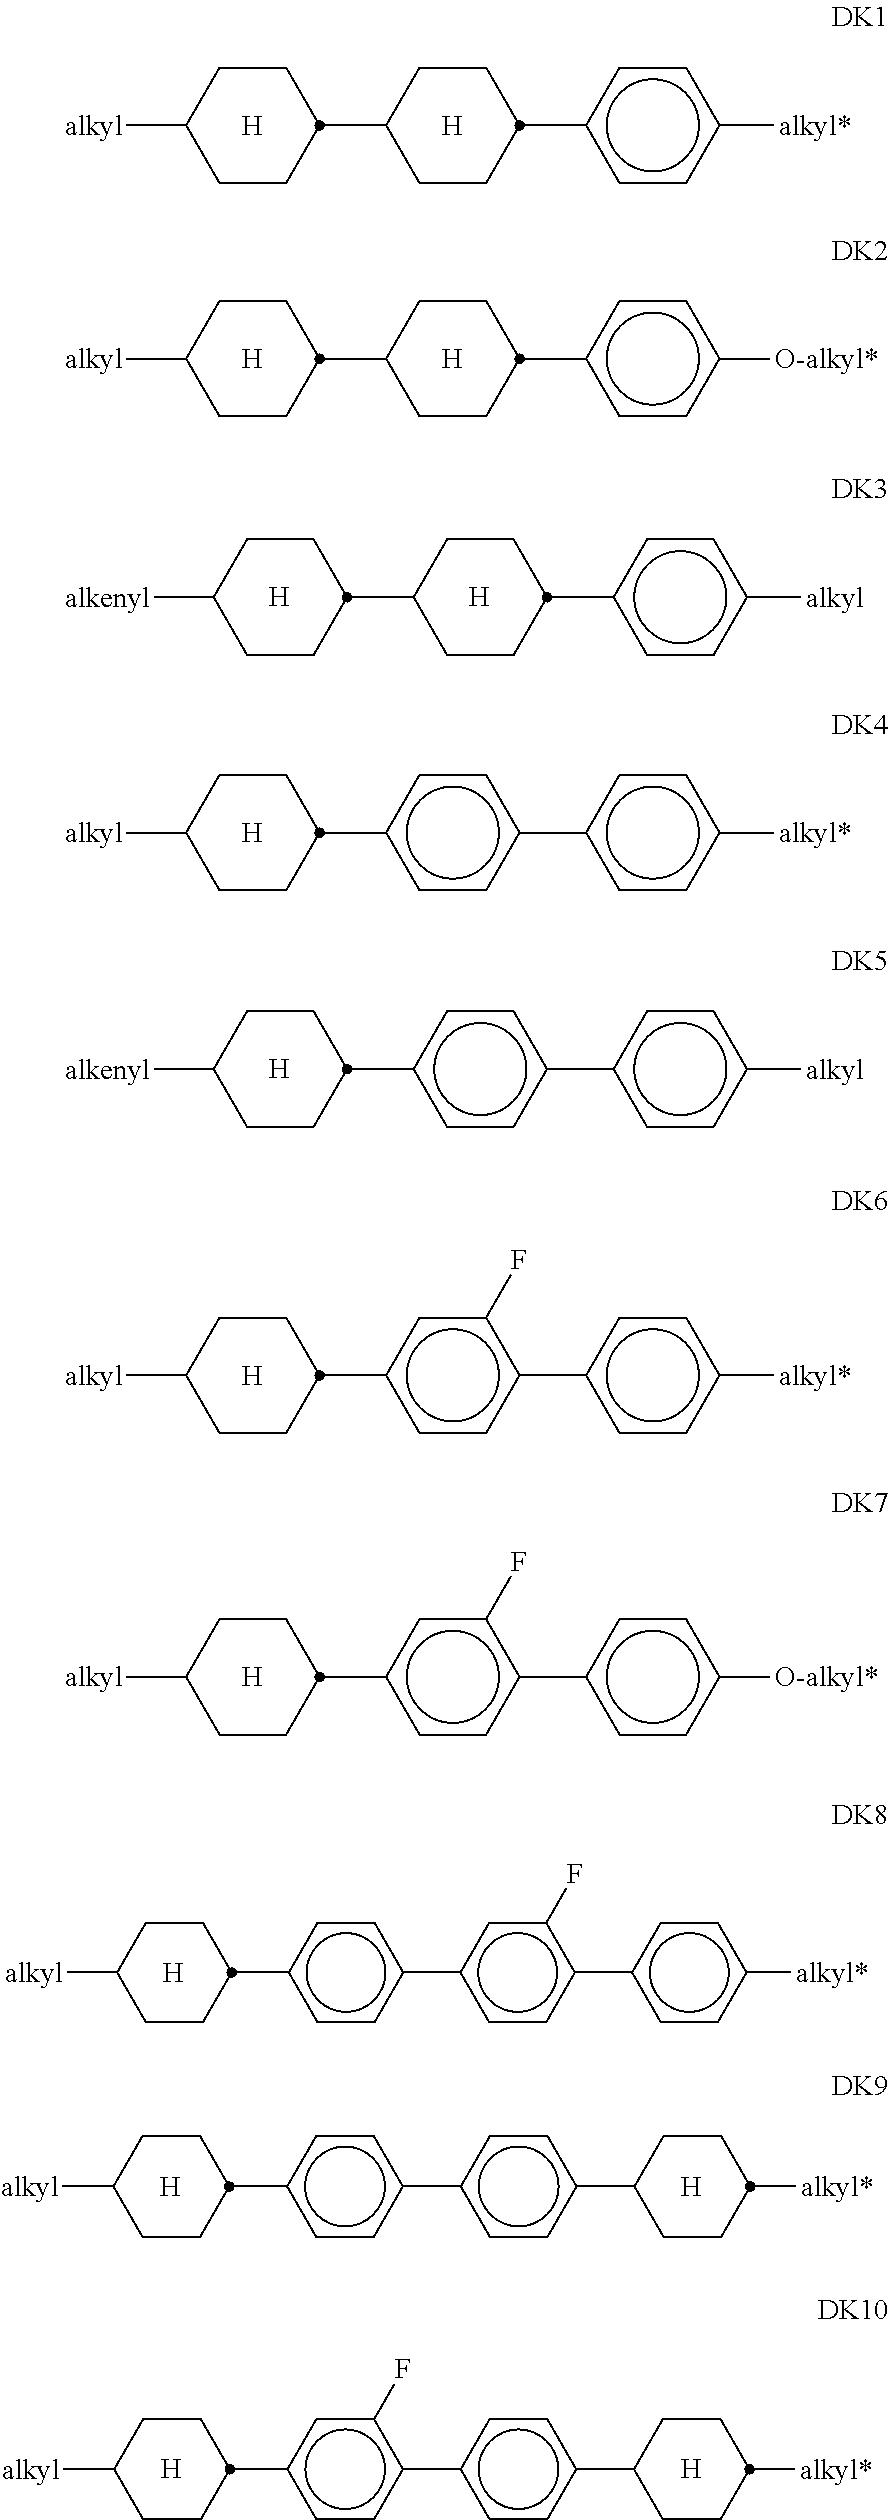 Figure US20110051049A1-20110303-C00026